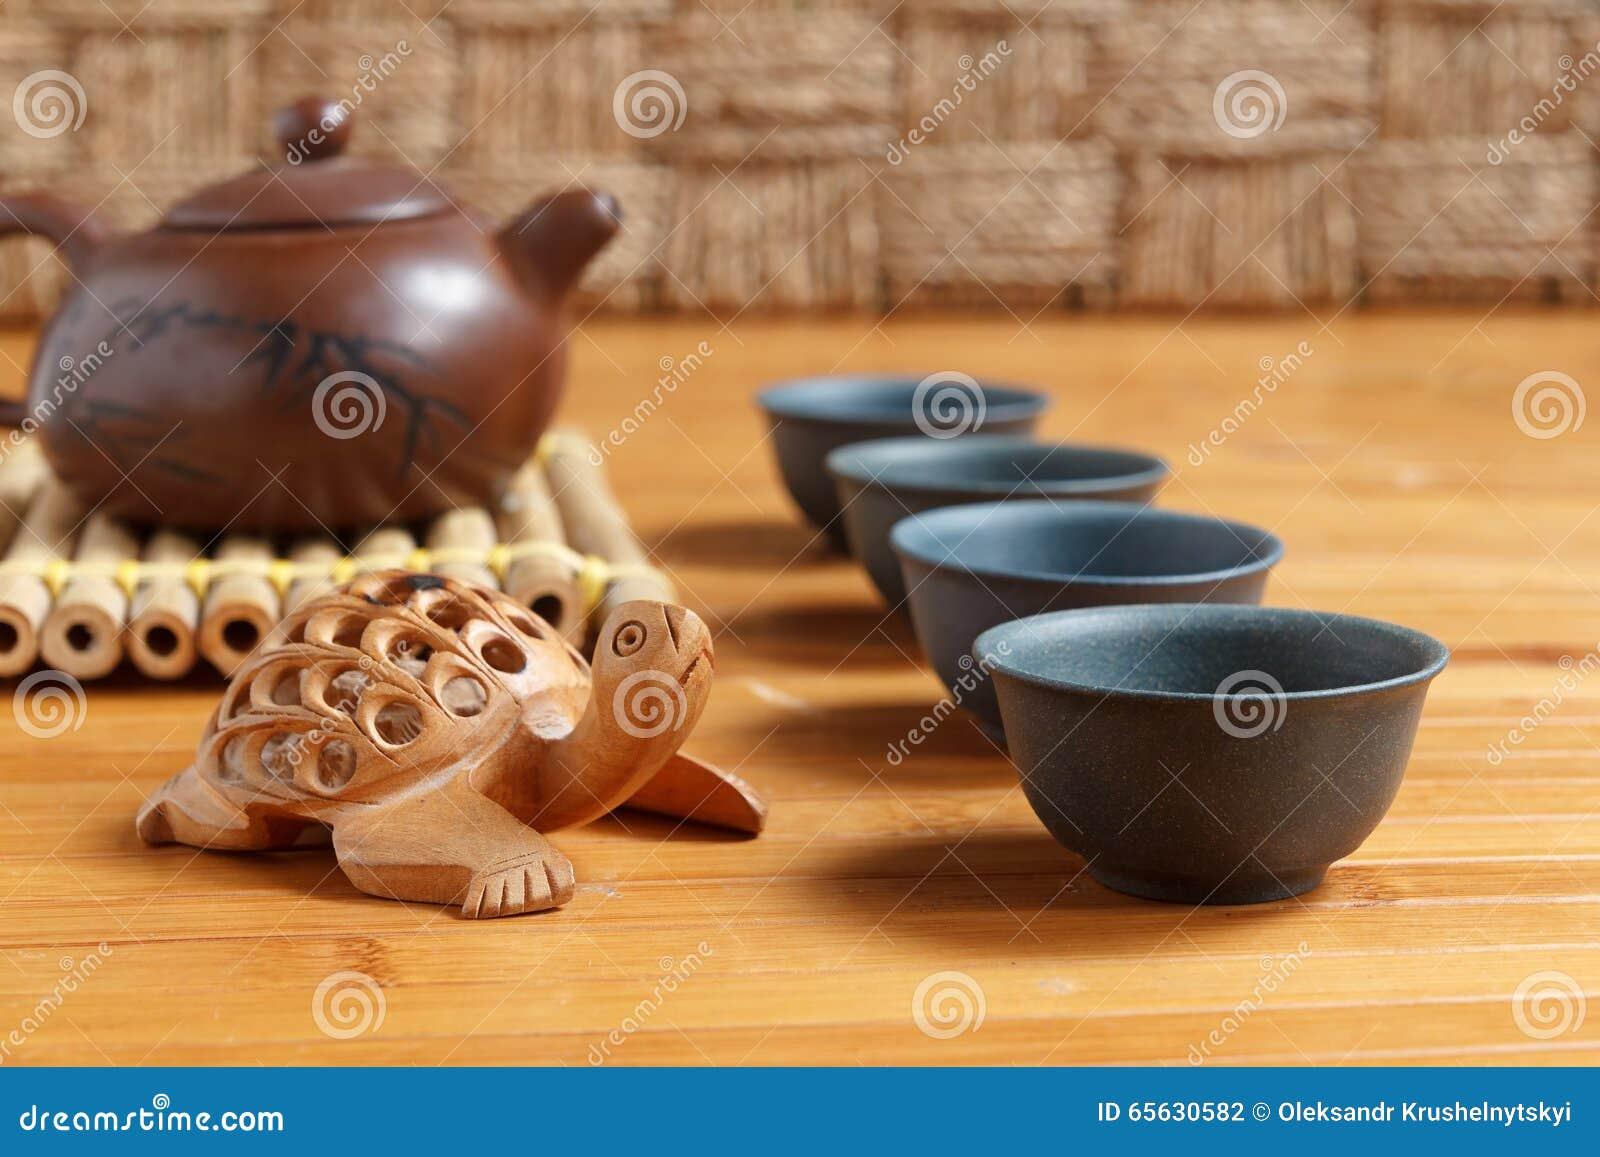 Service à thé sur une table en bois faite en bambou